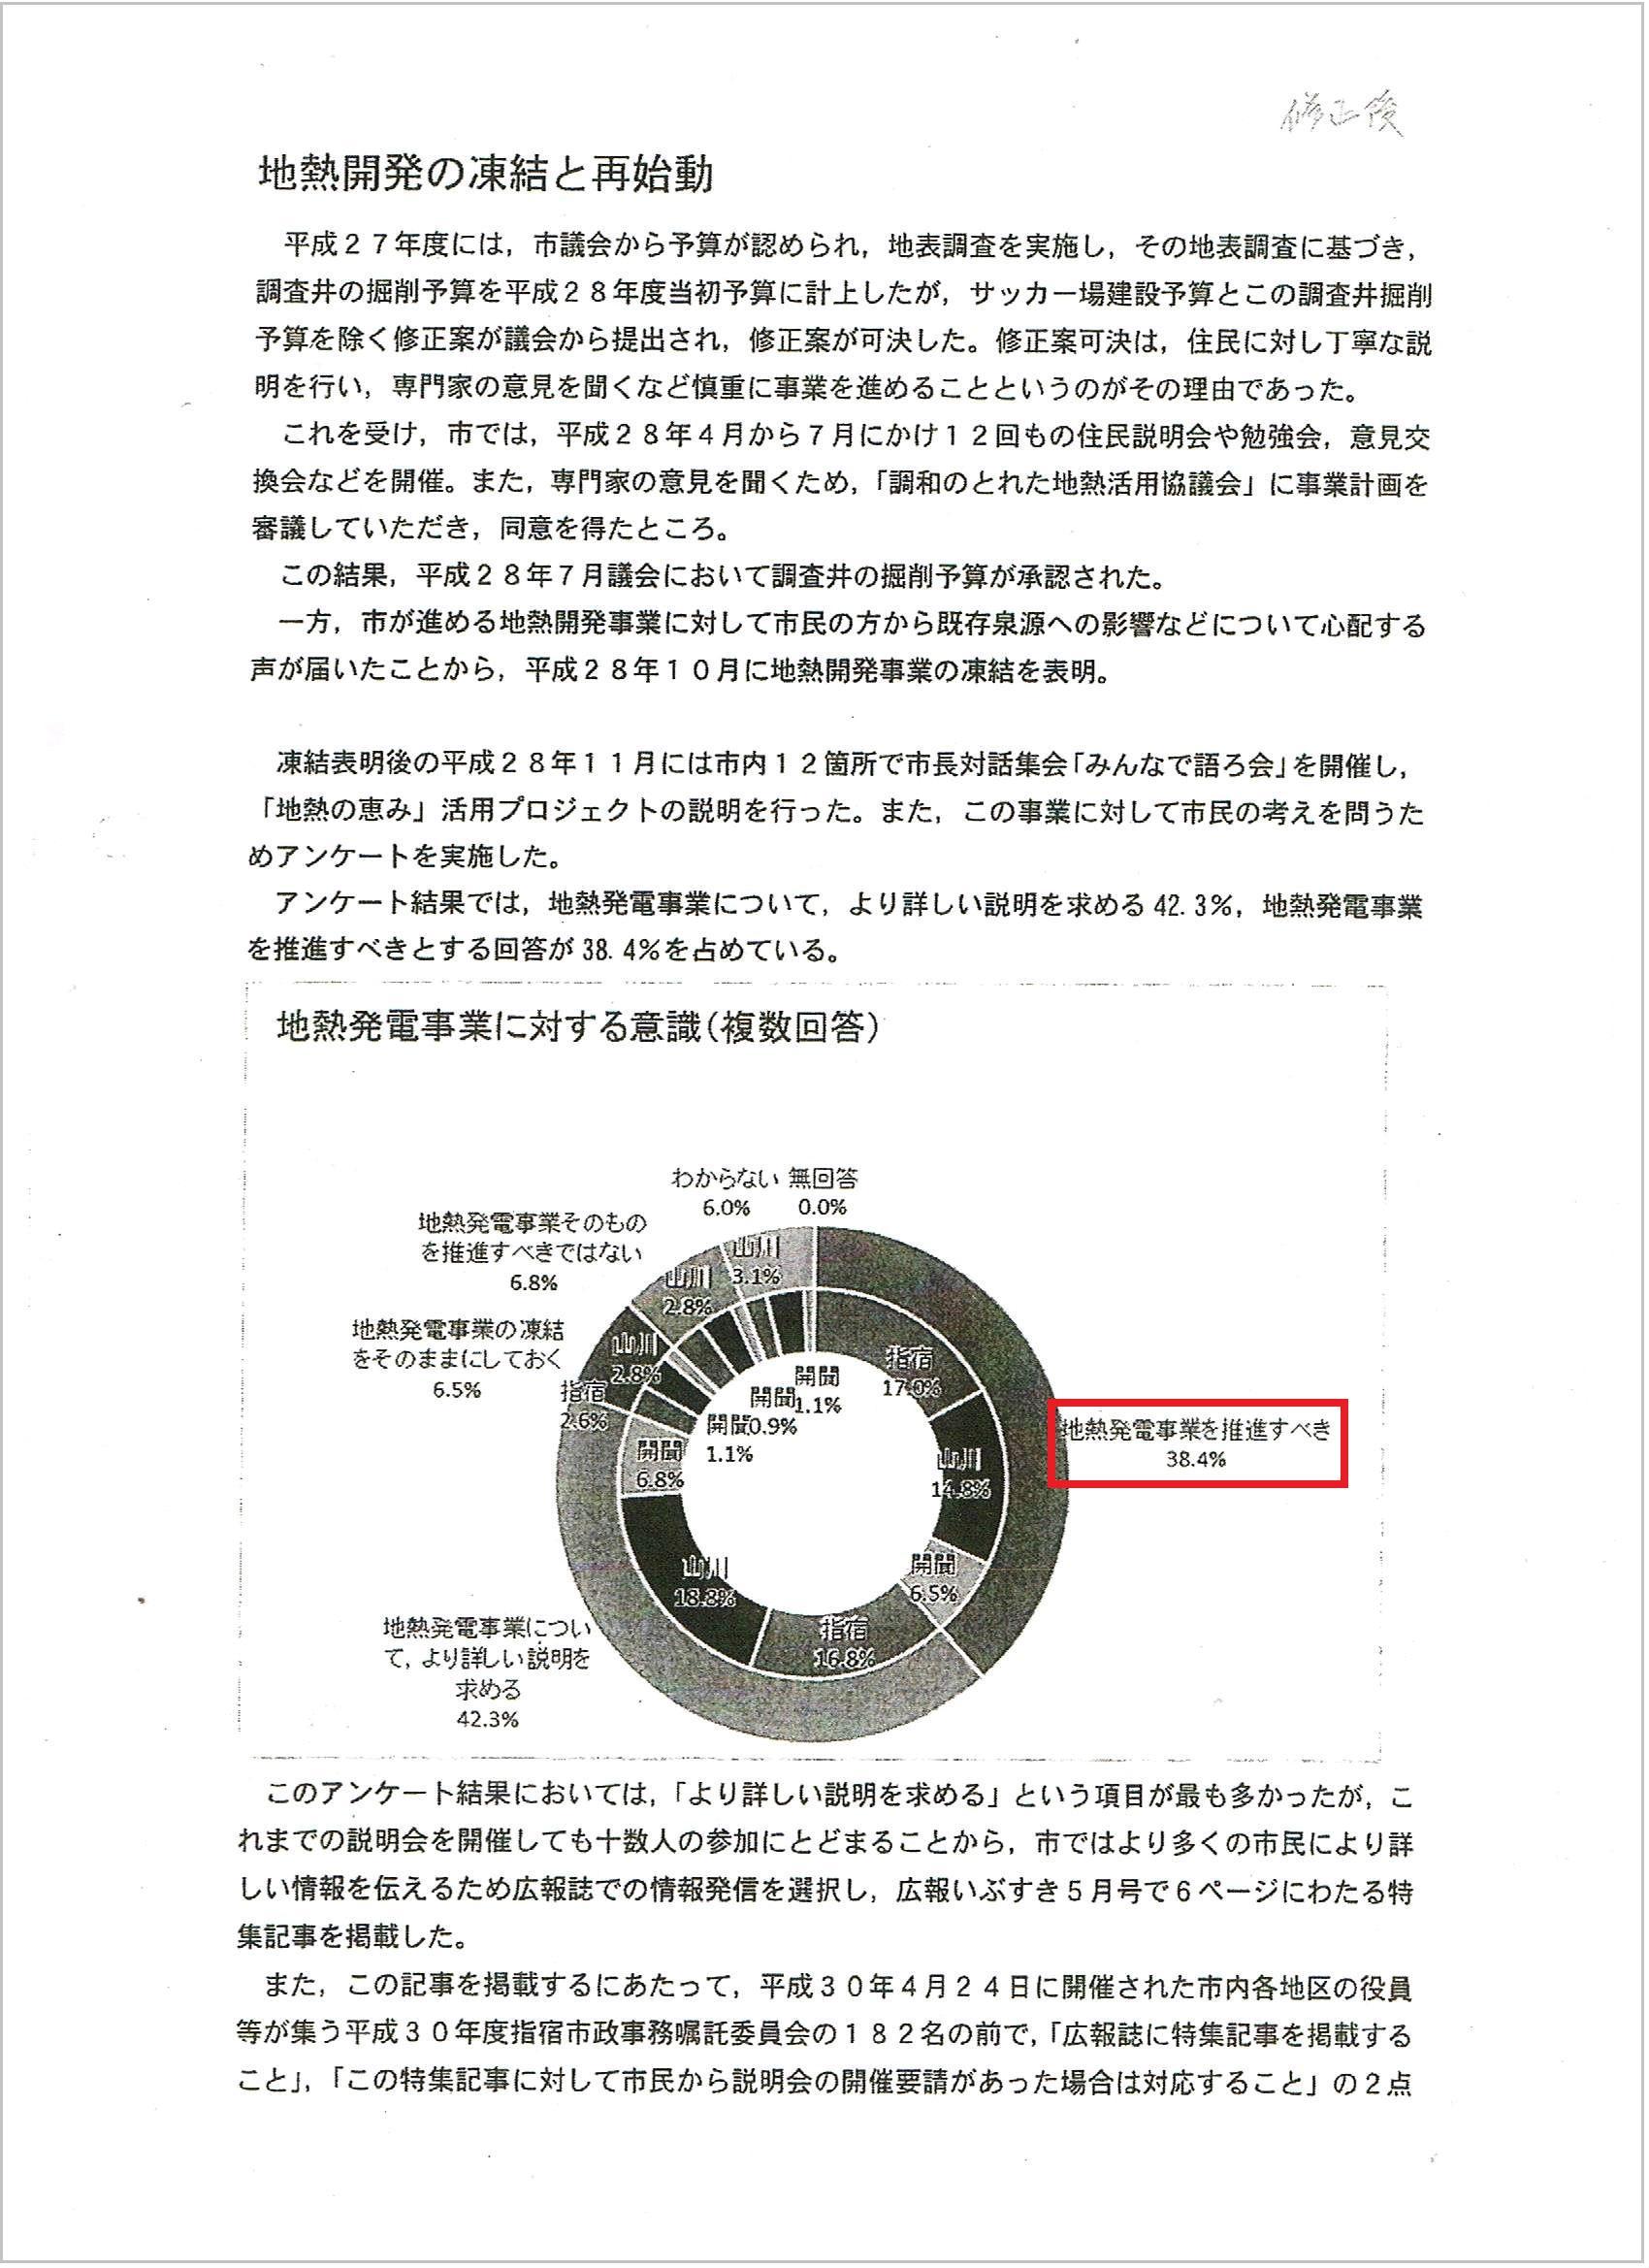 http://hunter-investigate.jp/news/0f05f88ec38eb4b4a71f41153edf758fe8fbc3cb.jpg